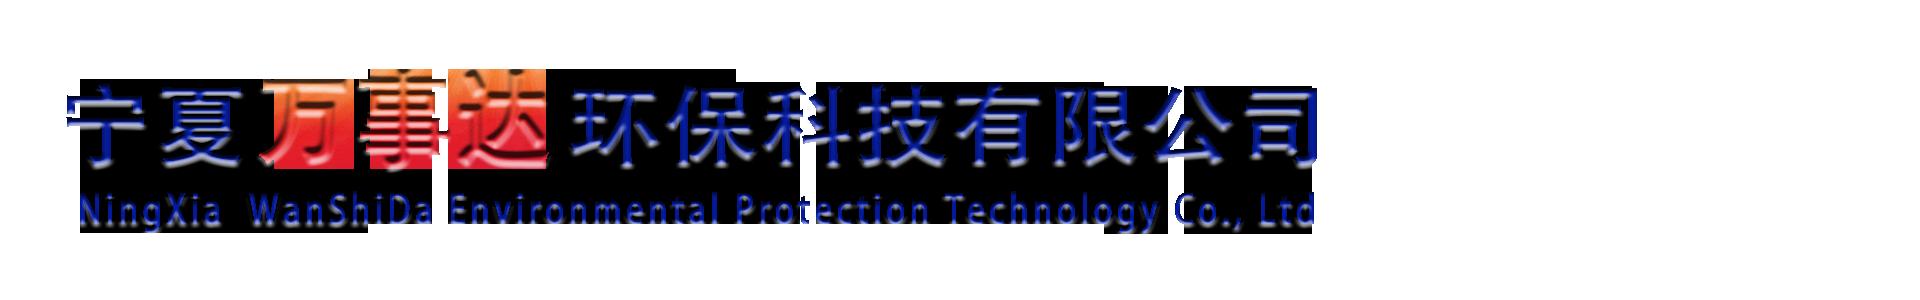 万博全站下载万博手机客户端app环保科技有限公司